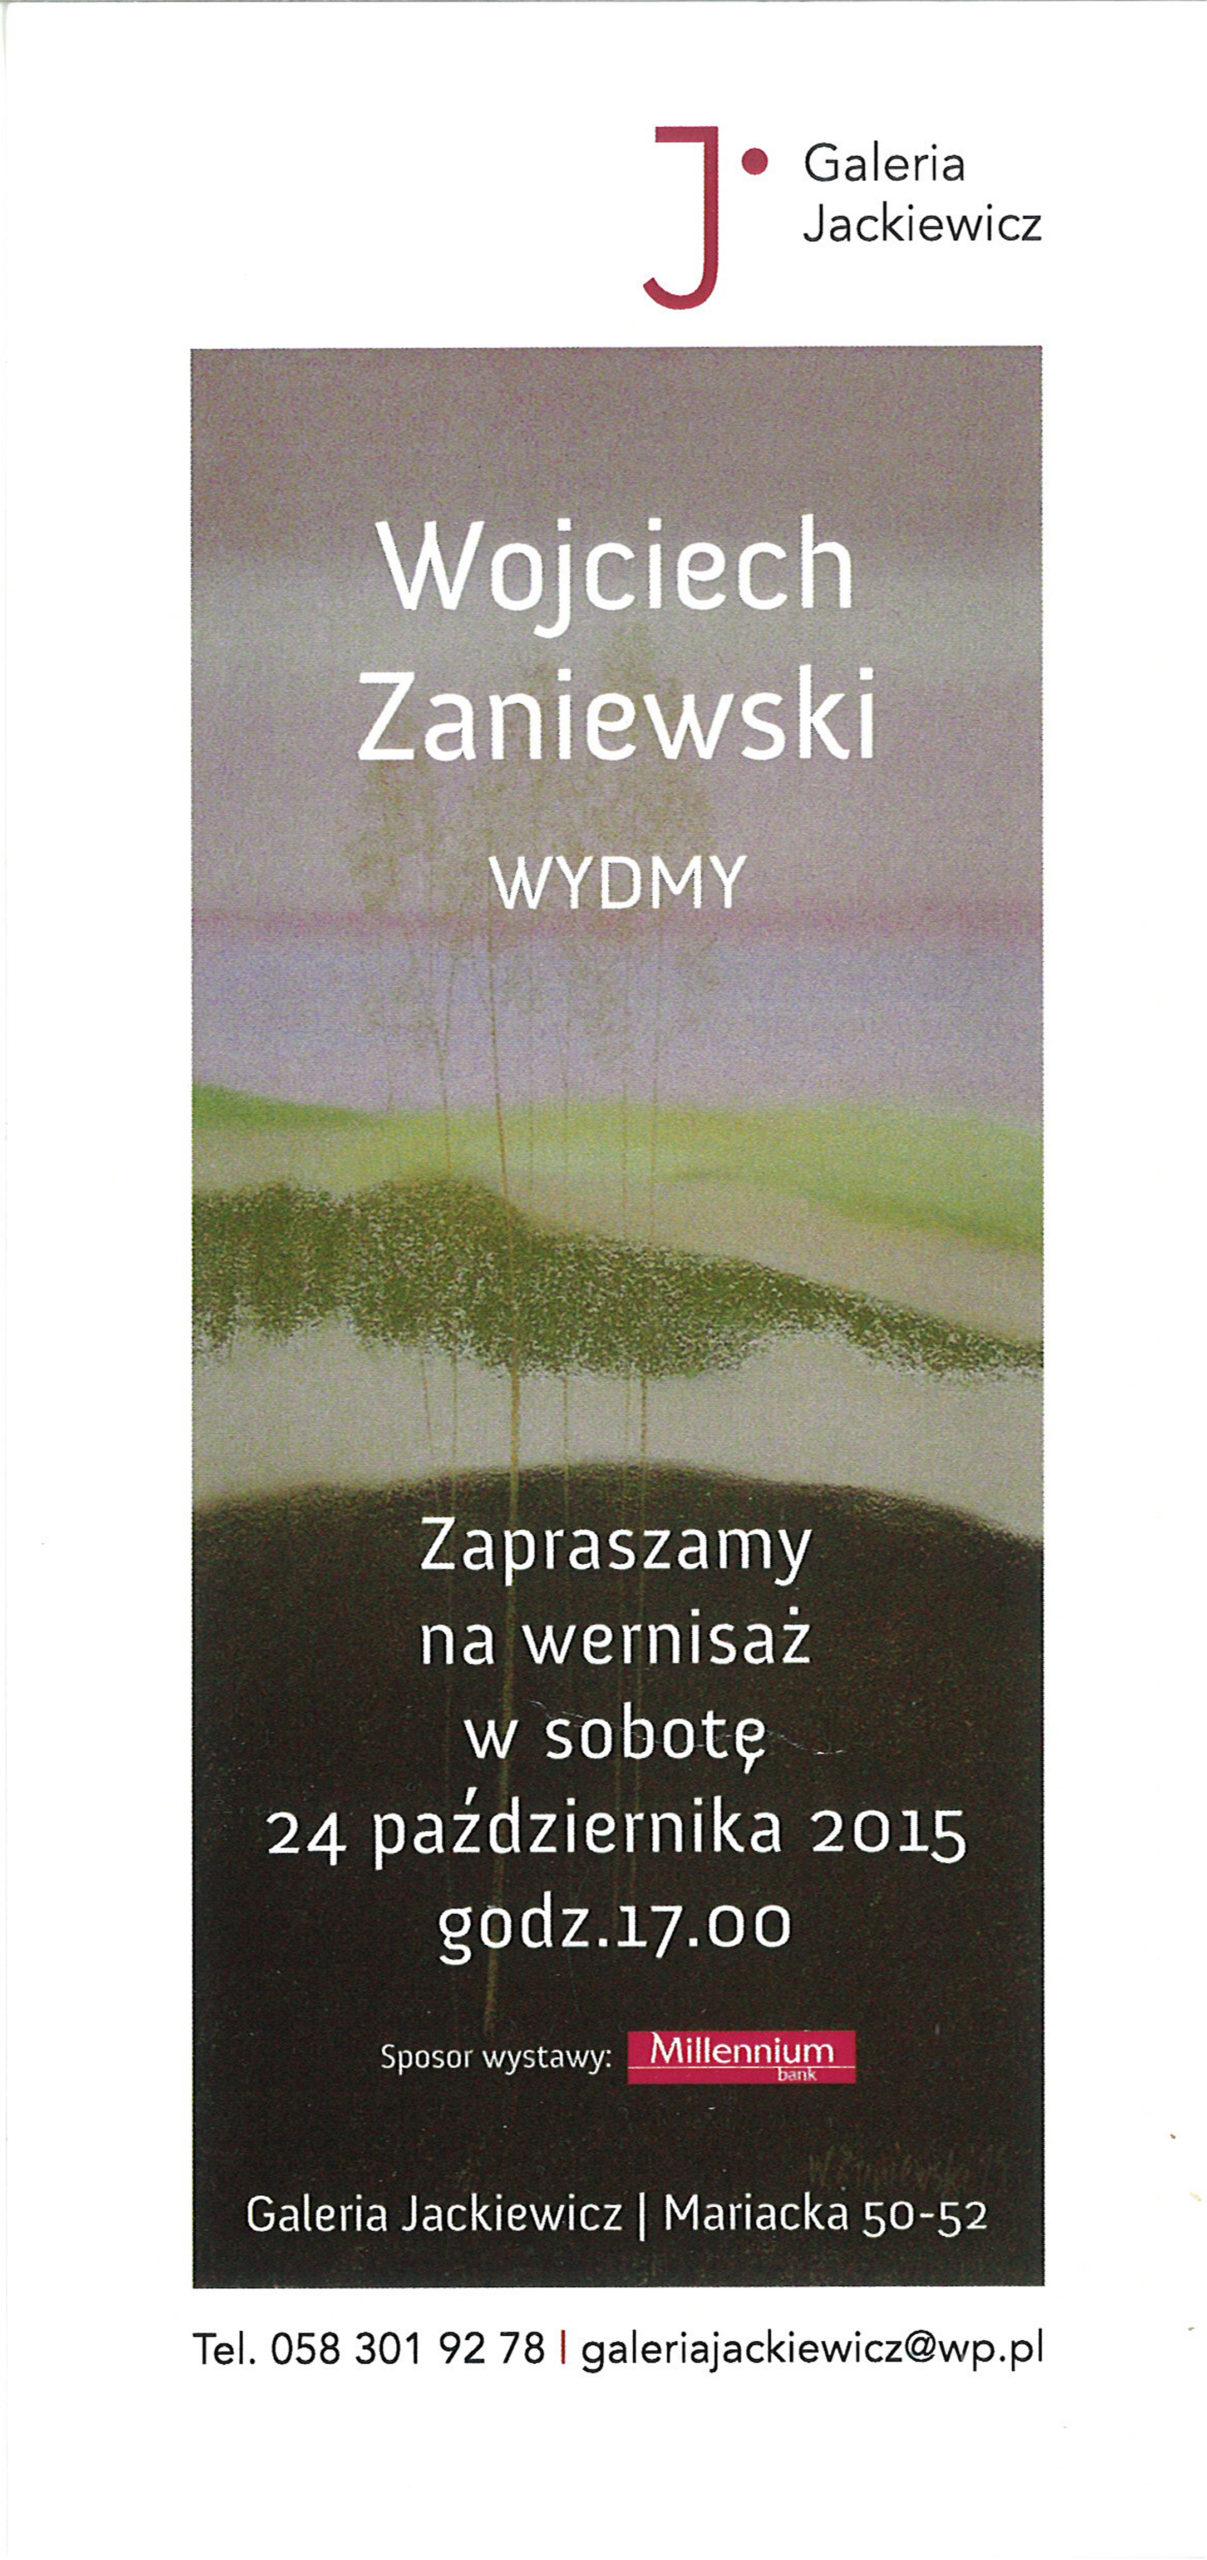 Indywidualna wystawa - Galeria Jackiewicz, Gdańsk 2015